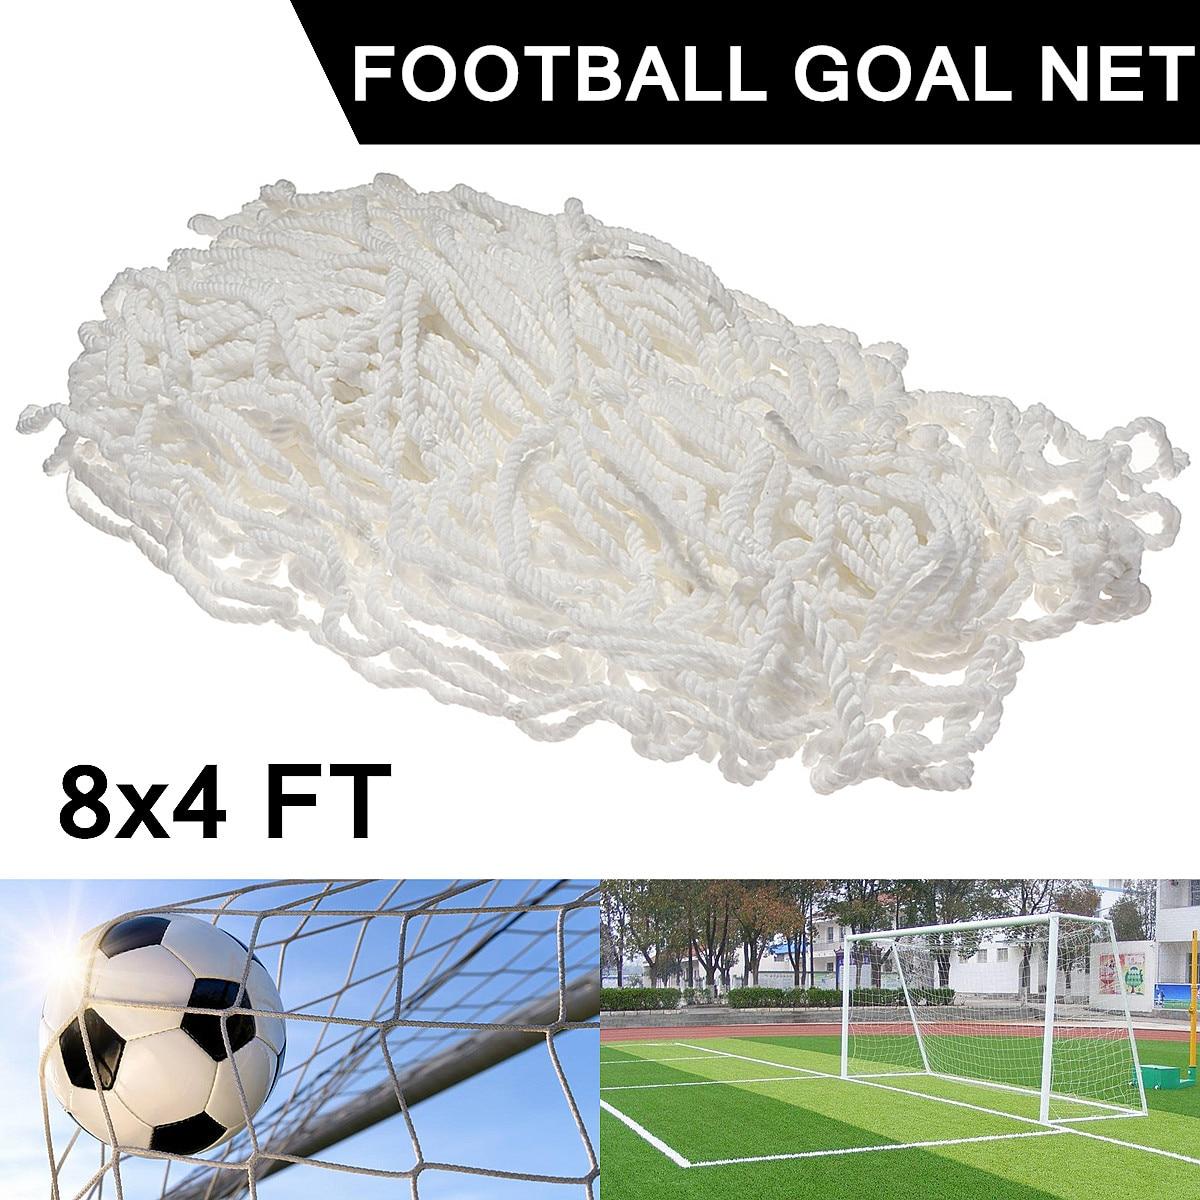 8x4FT Full Size Formazione Partita di Calcio di Calcio Goal Post Net Per Gli Sport All'aria Aperta Flessibile In Polipropilene Bianco Annodato Doppio